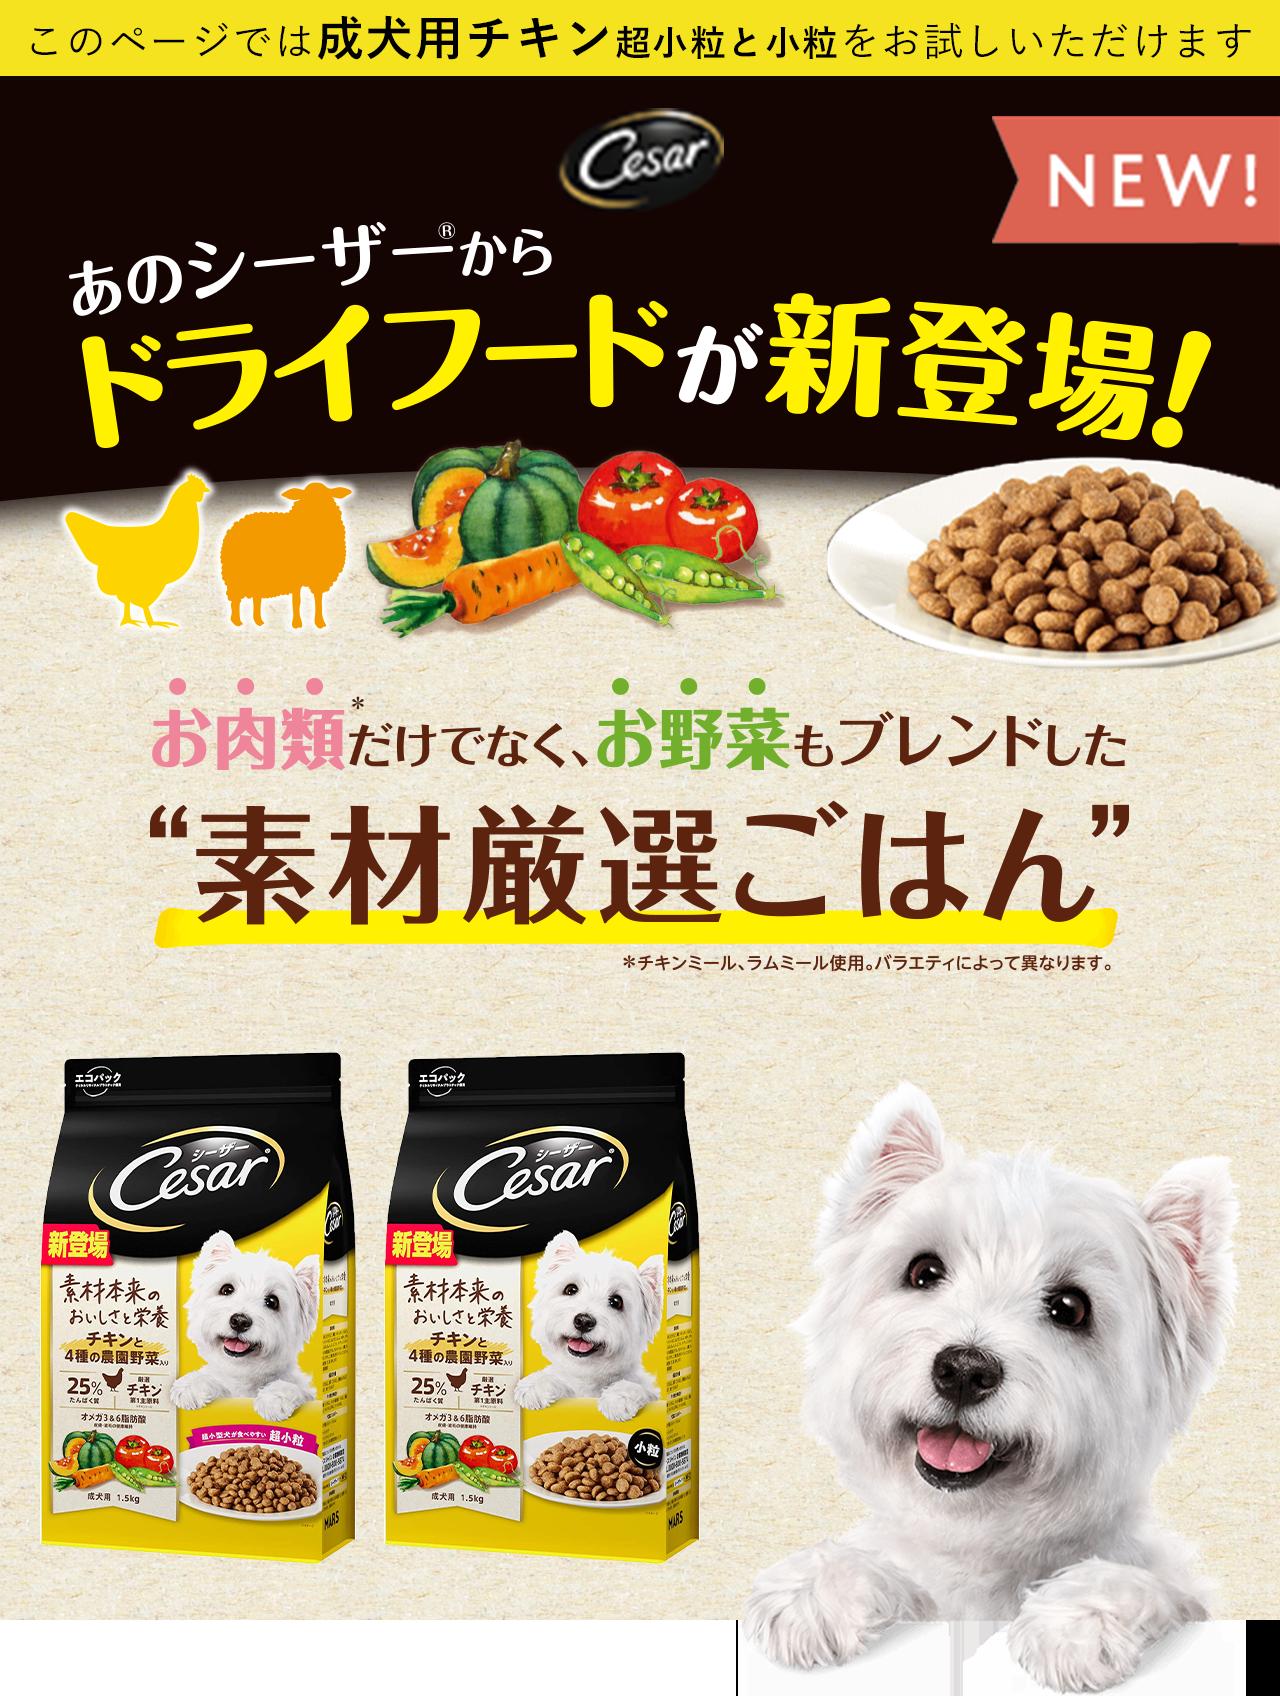 Cesar 厳選素材でおいしさと栄養を このページでは成犬用チキンをお試しいただけます